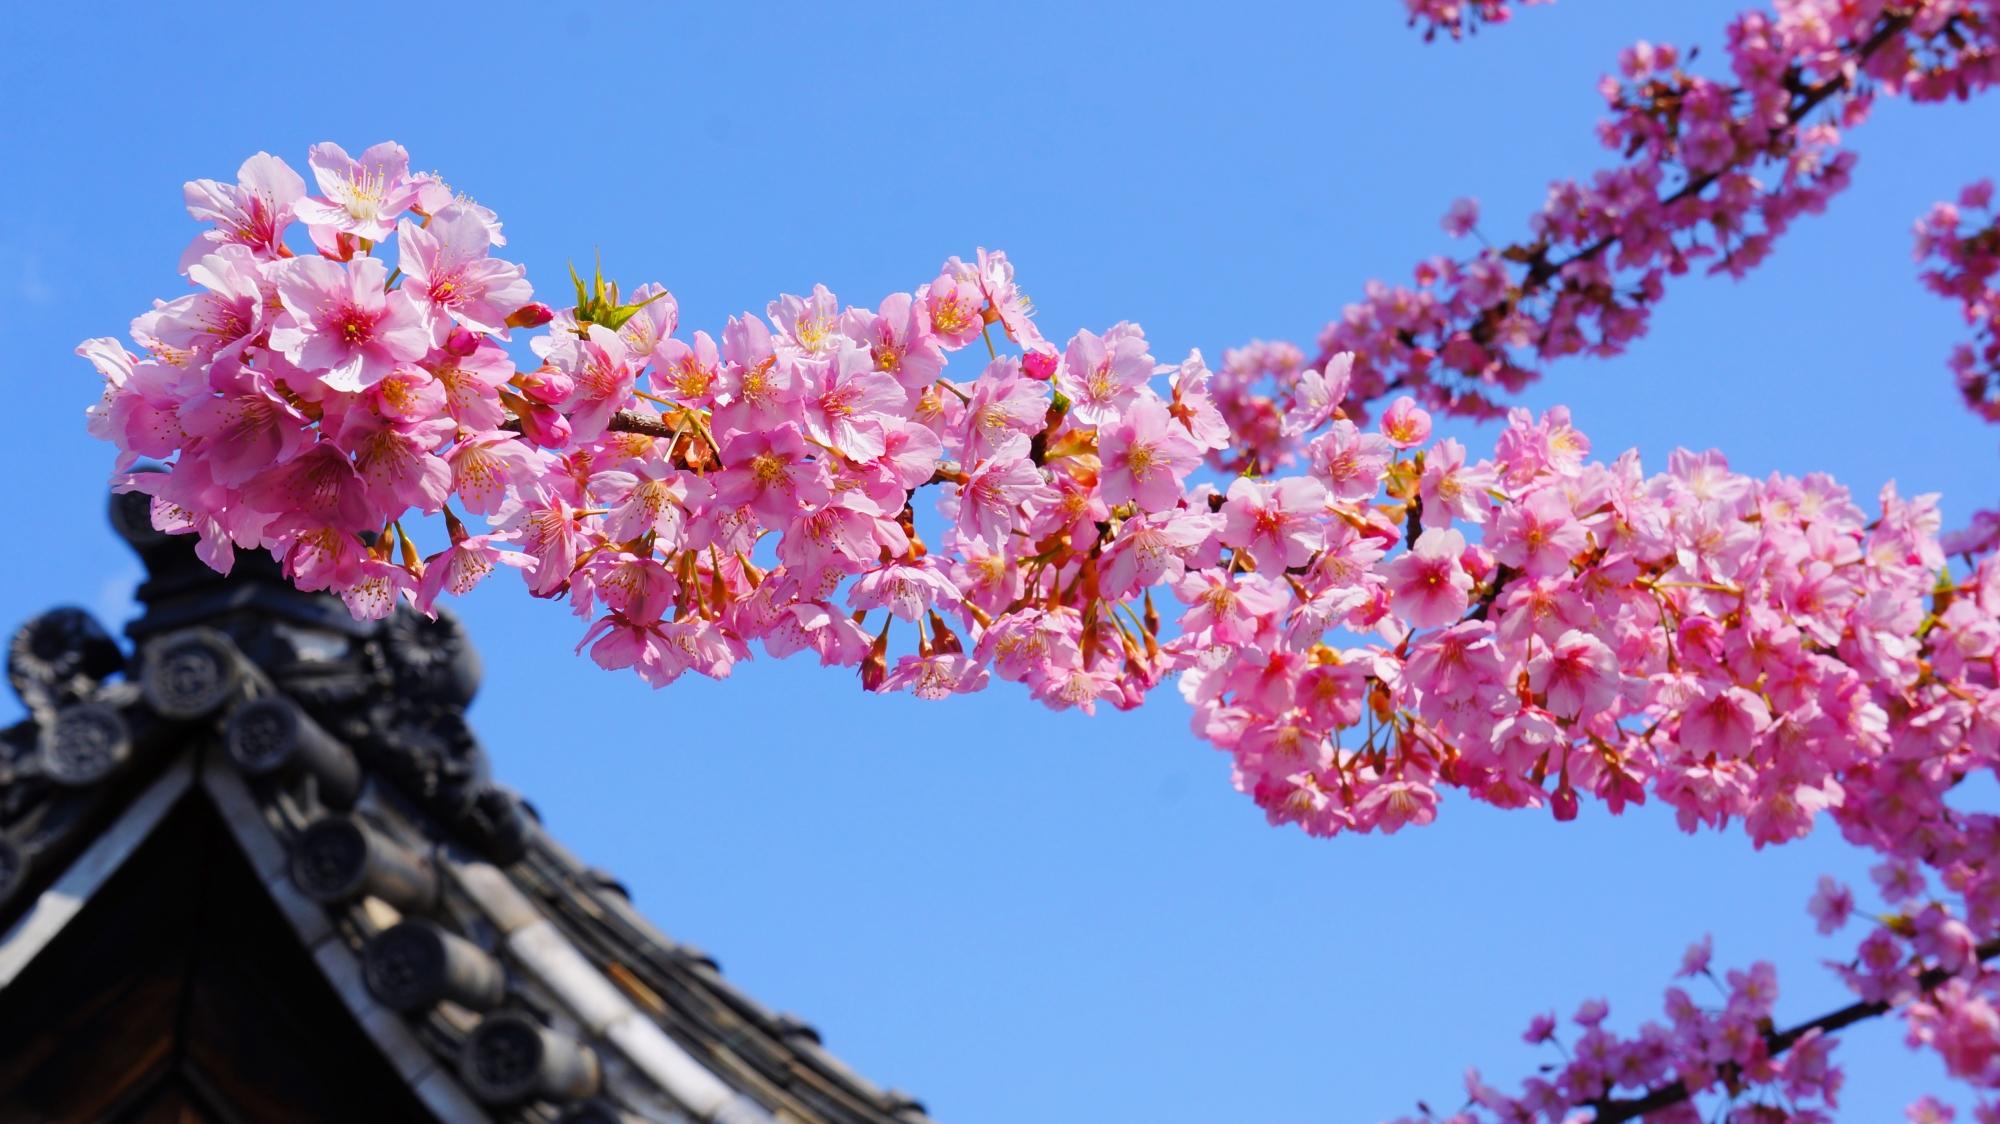 長く伸びる少し変わった形の枝をした蓮光寺の河津桜